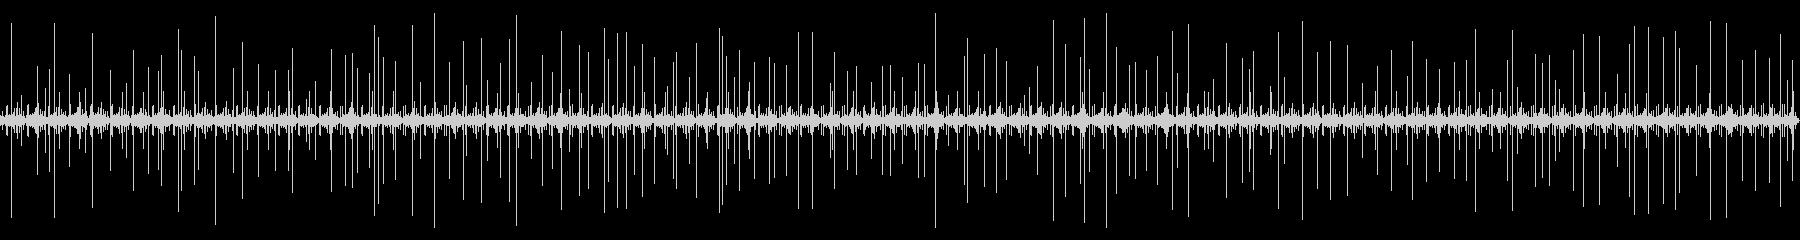 [生録音]レコード再生ノイズ02(5分)の未再生の波形